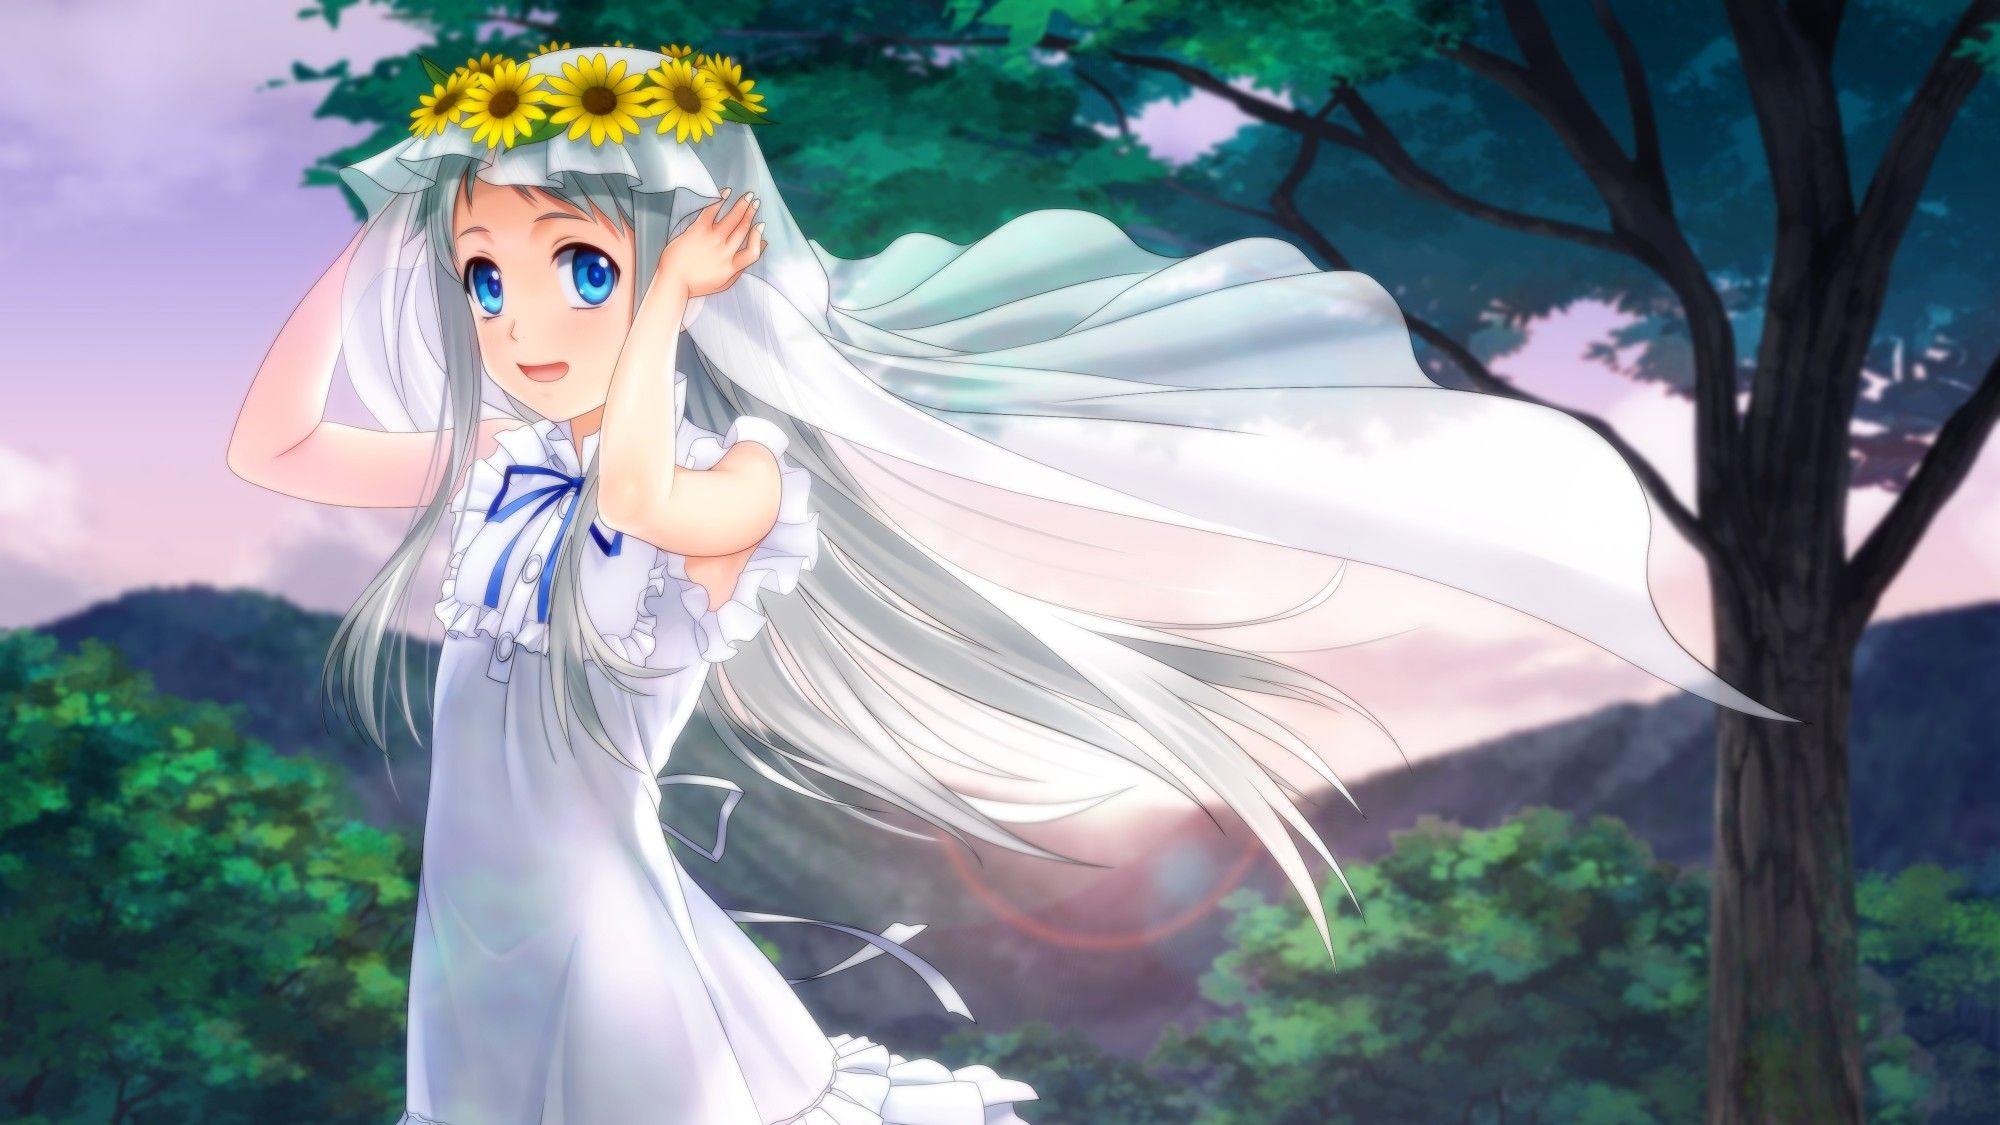 Anohana anime 4k